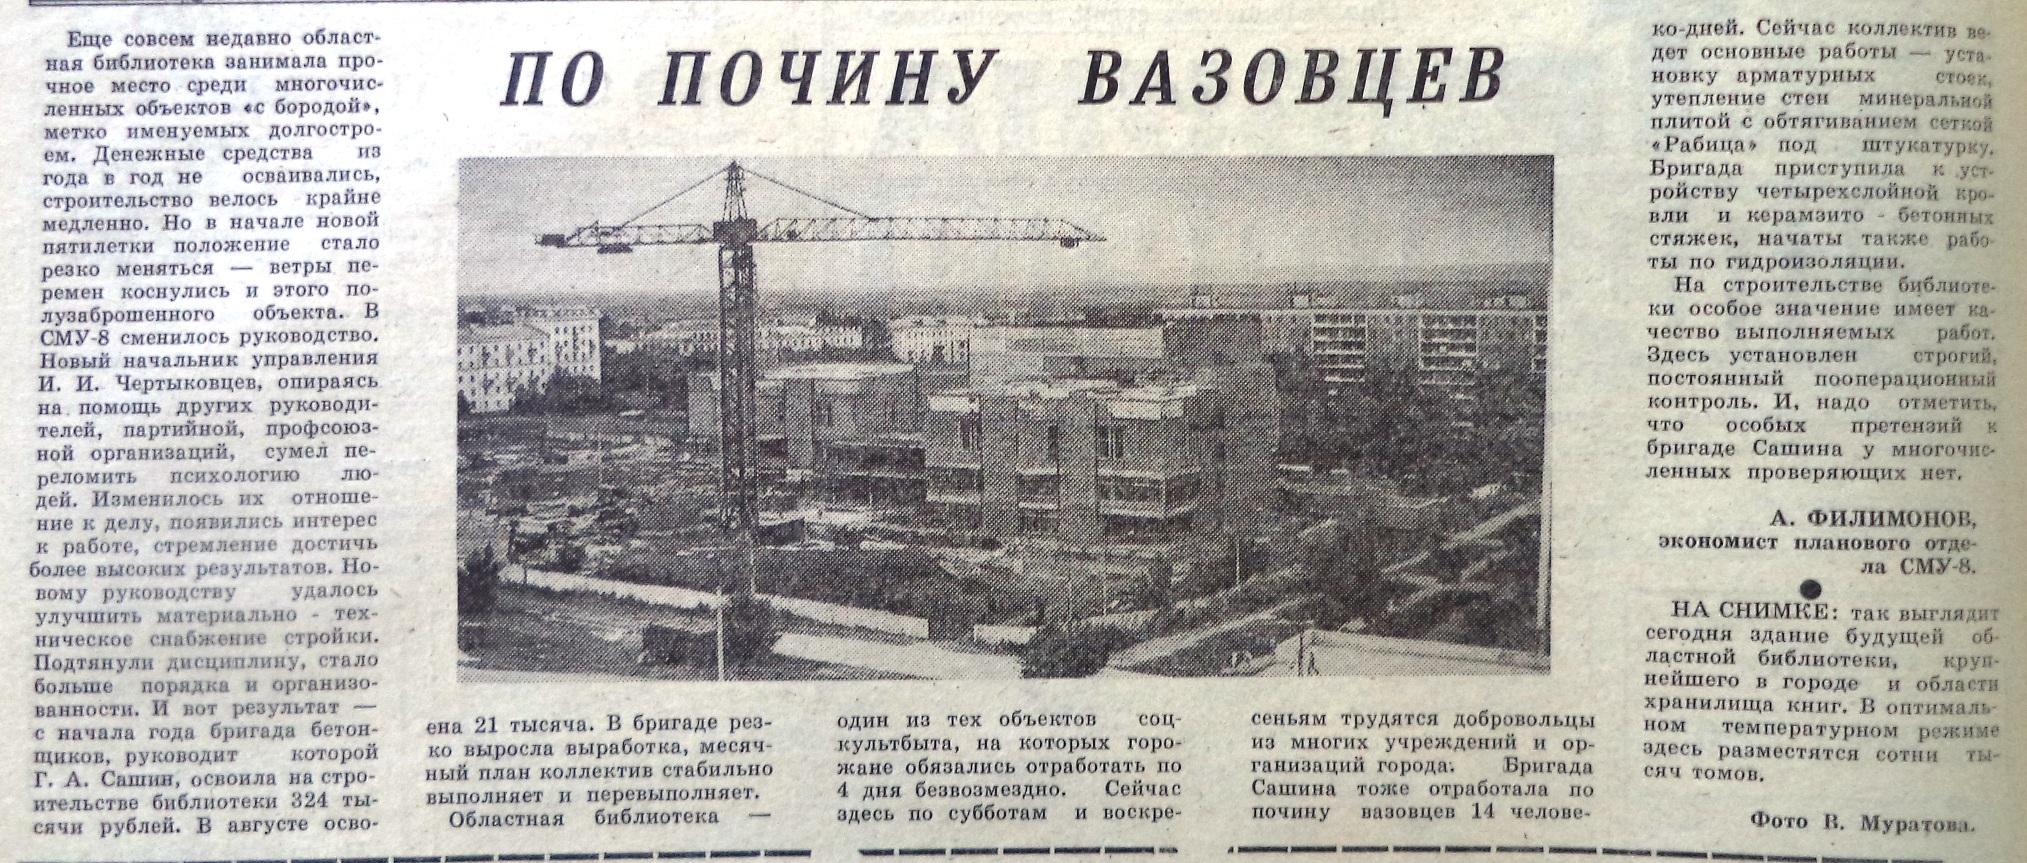 ФОТО-39-Ленина-Трибуна Строителя-1986-4 сентября